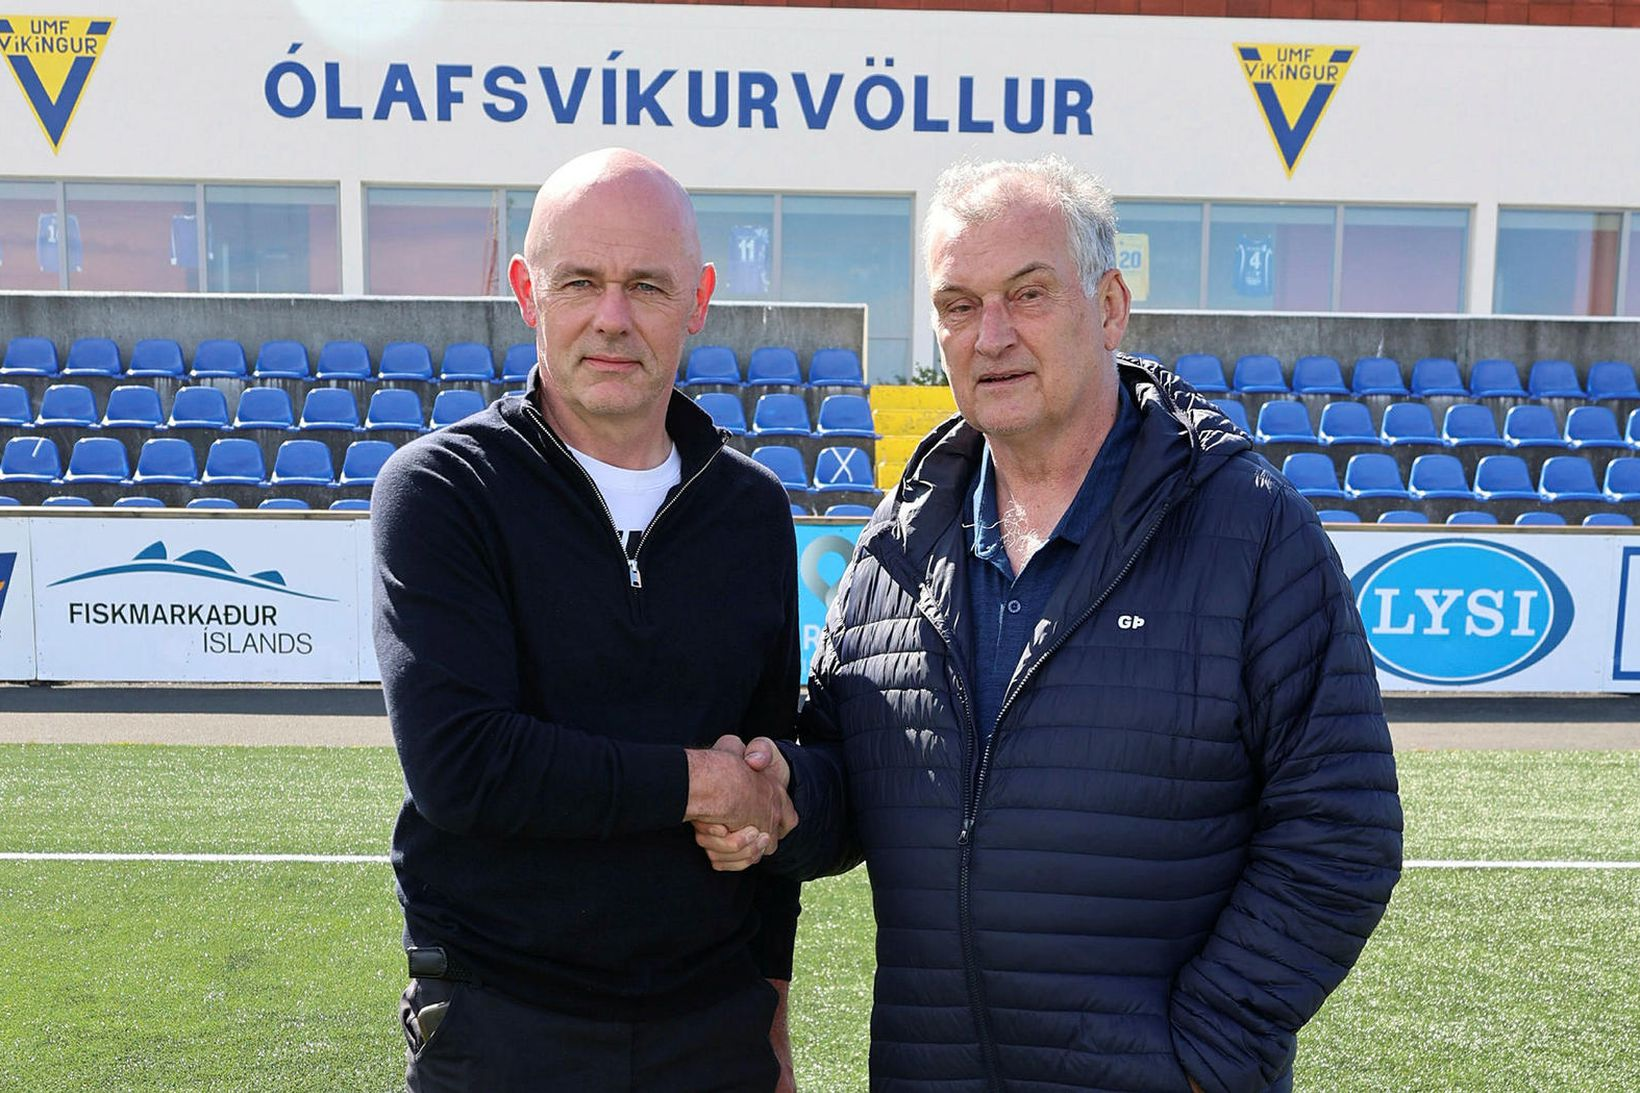 Guðjón Þórðarson og Víkingur í Ólafsvík eru aftur komin í …